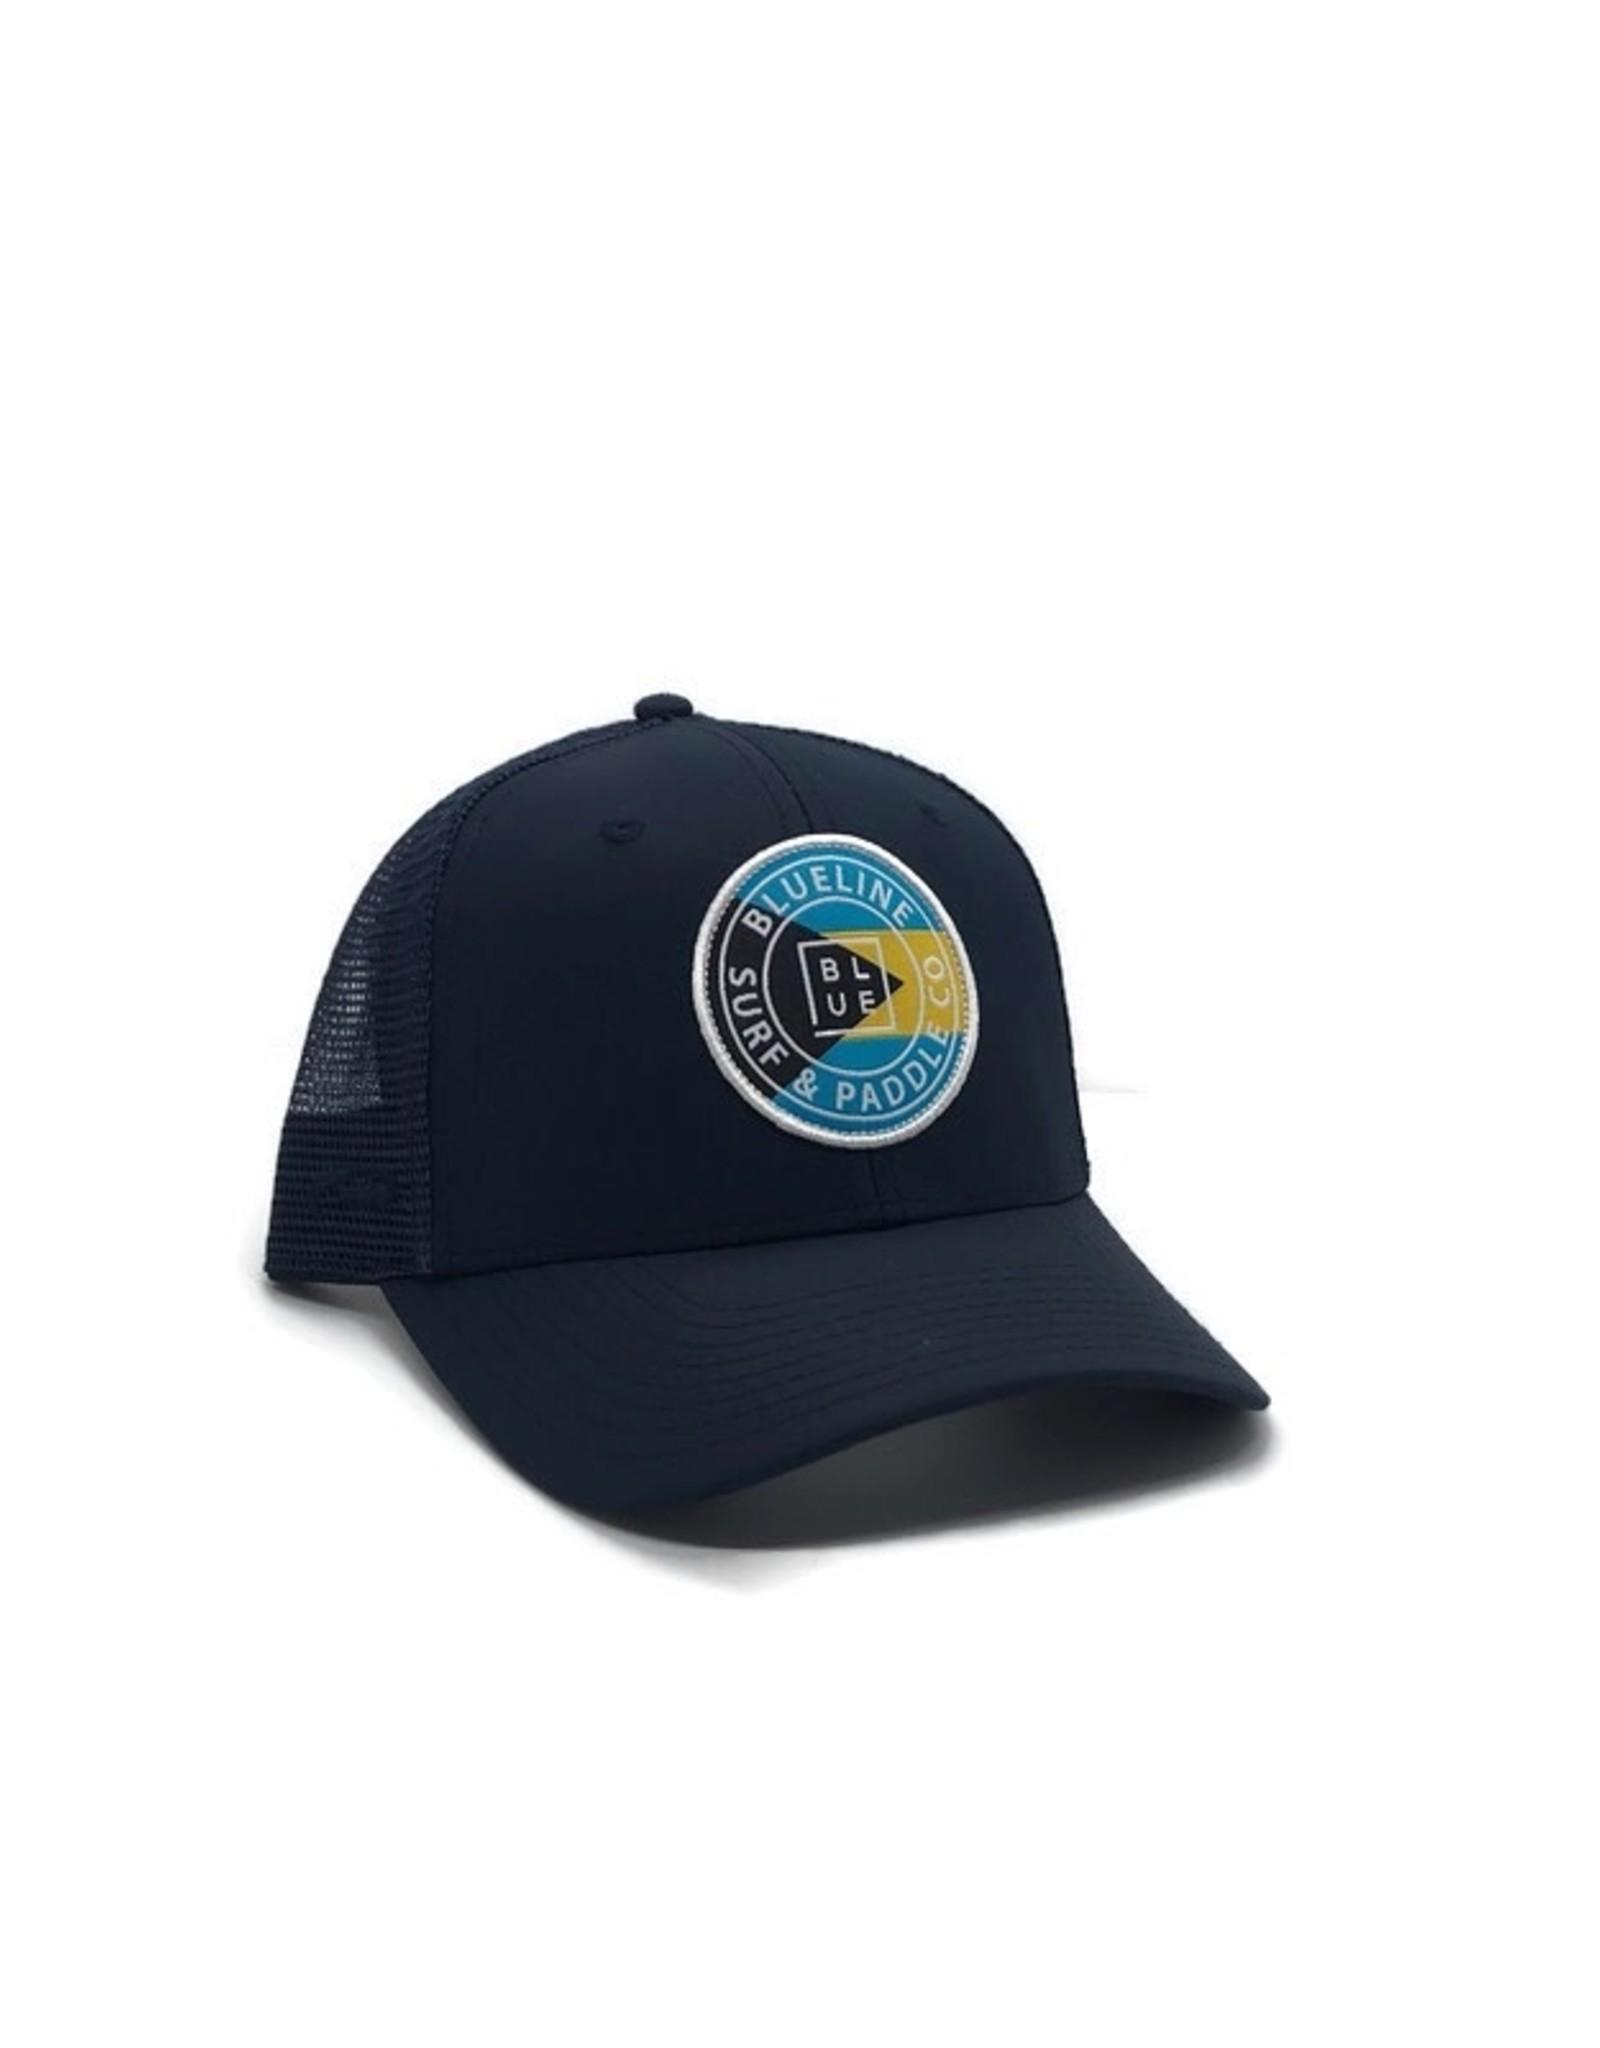 Blueline Surf + Paddle Co. Curved Original Bahamas Navy